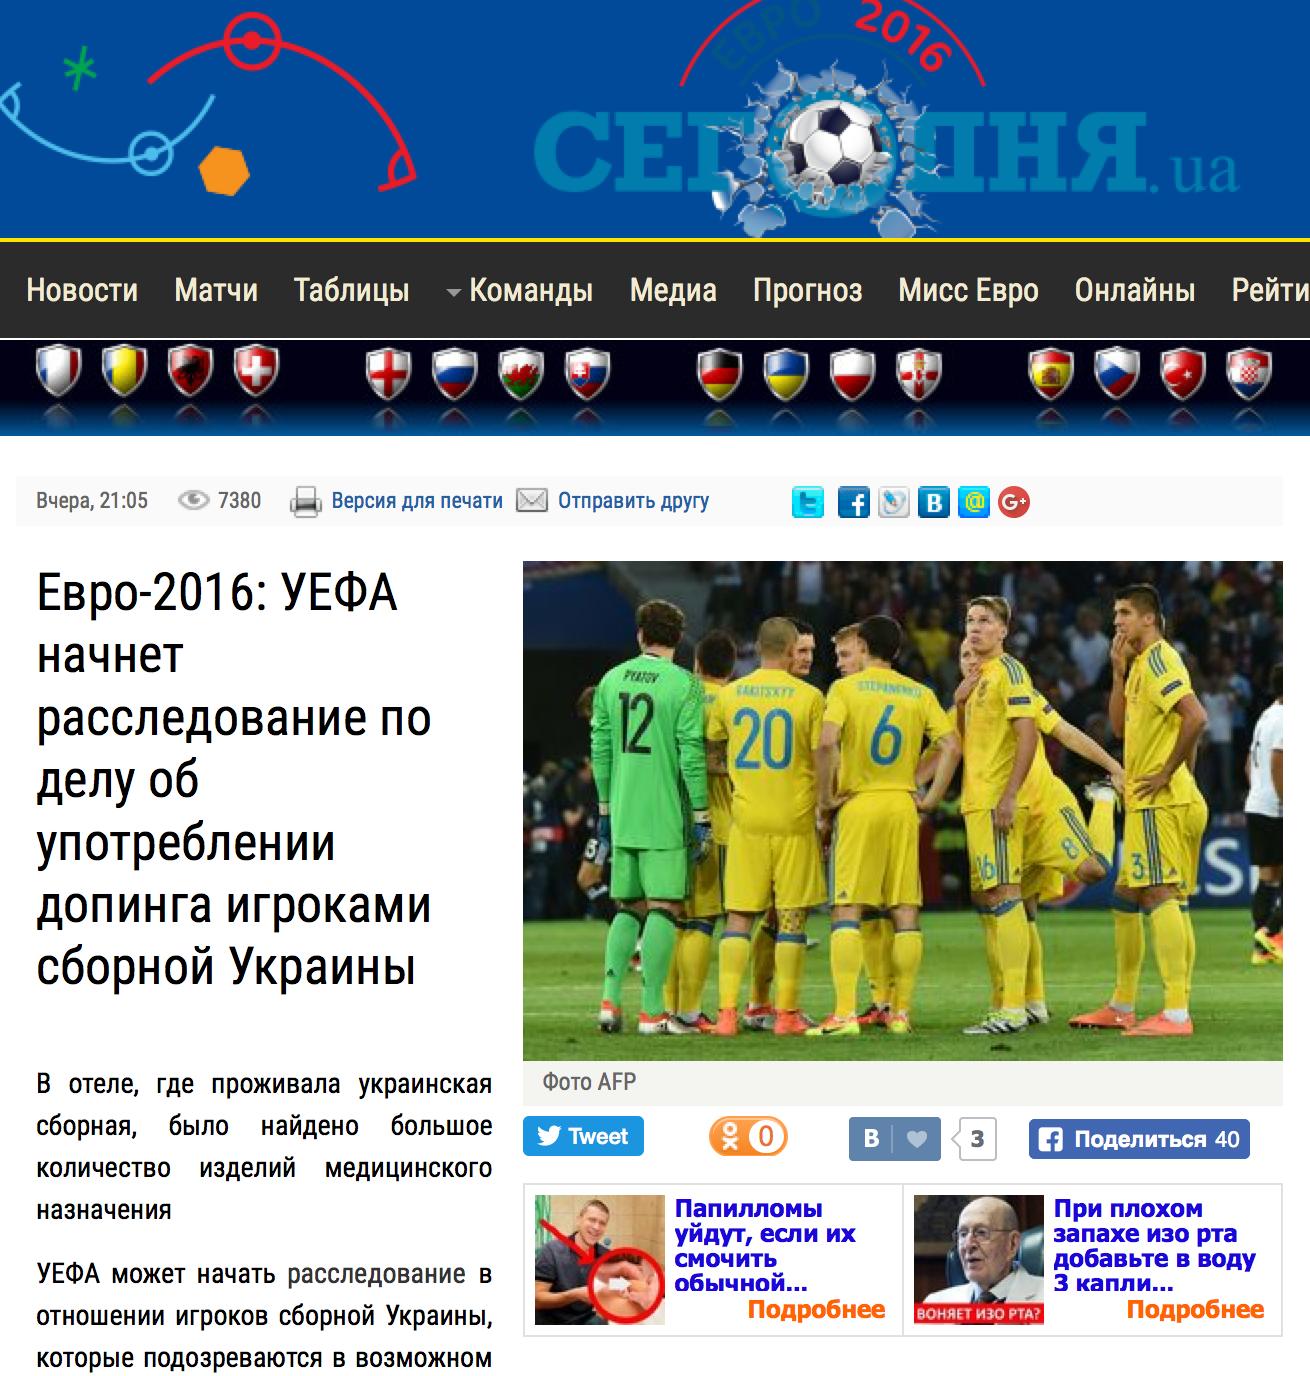 Euro 2016: La UEFA lanzará una investigación sobre el uso de dopaje por la selección ucraniana | Segodnya